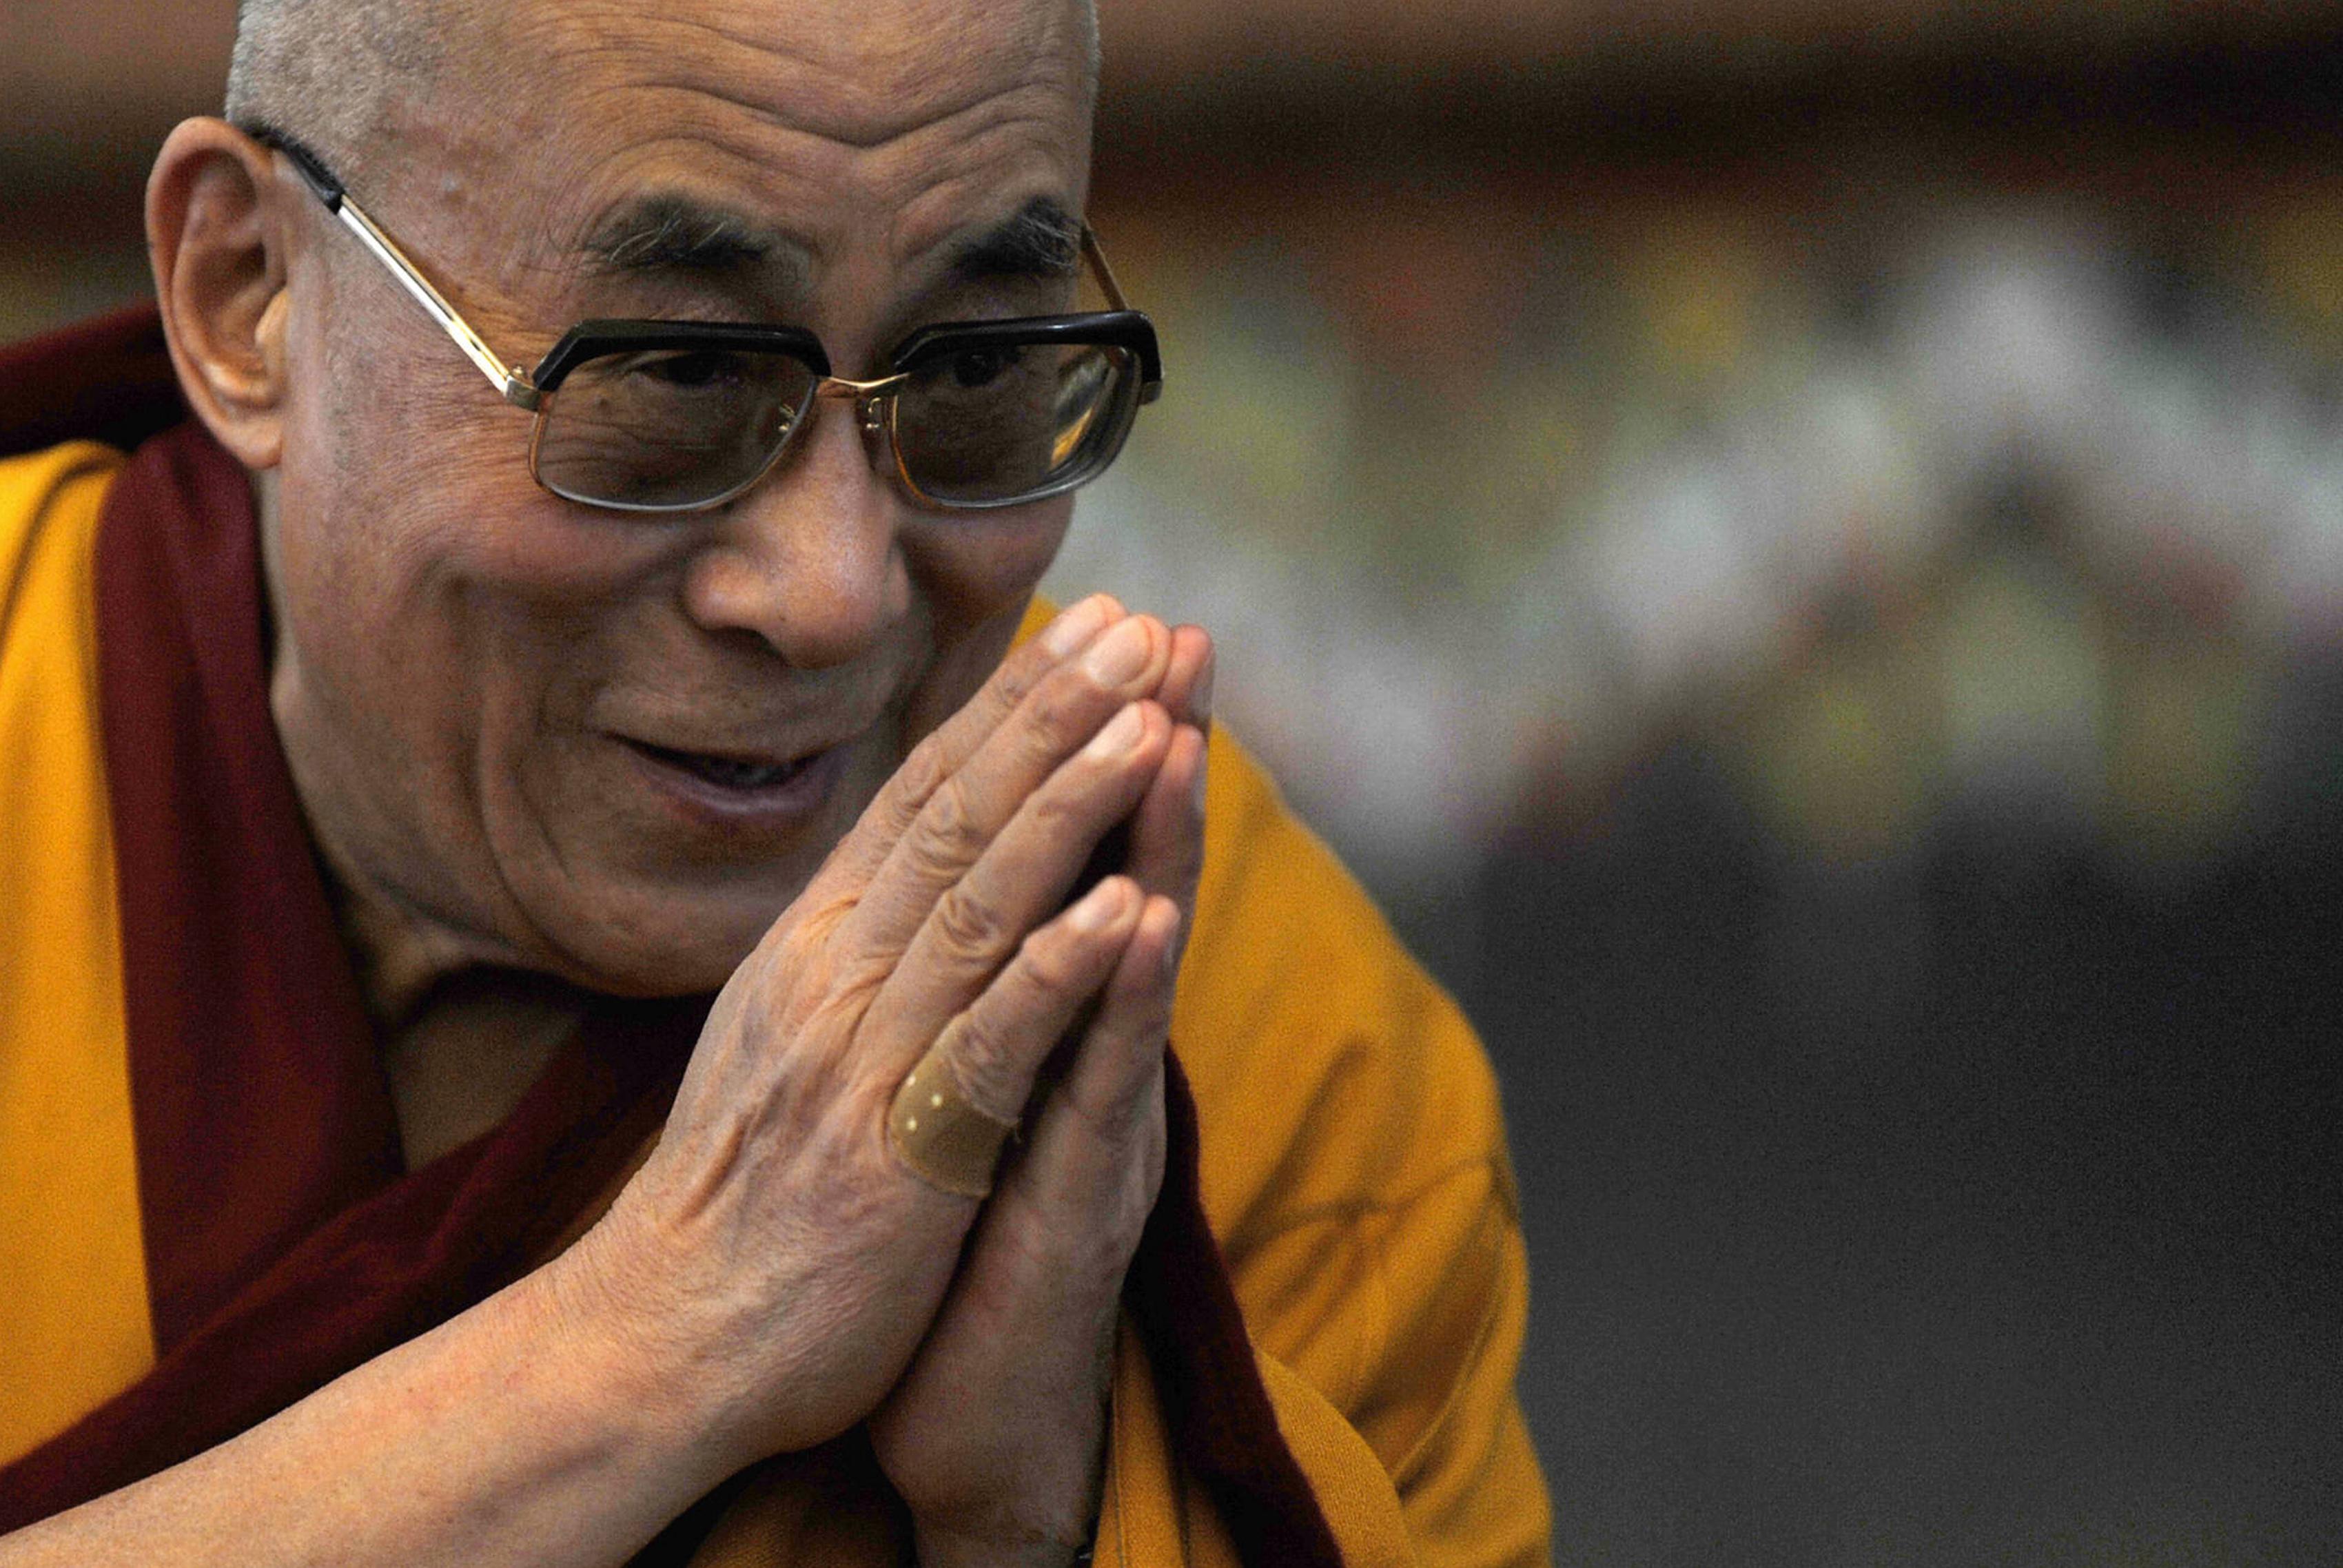 Der Appell des Dalai Lama: Ethik ist wichtiger als Religion